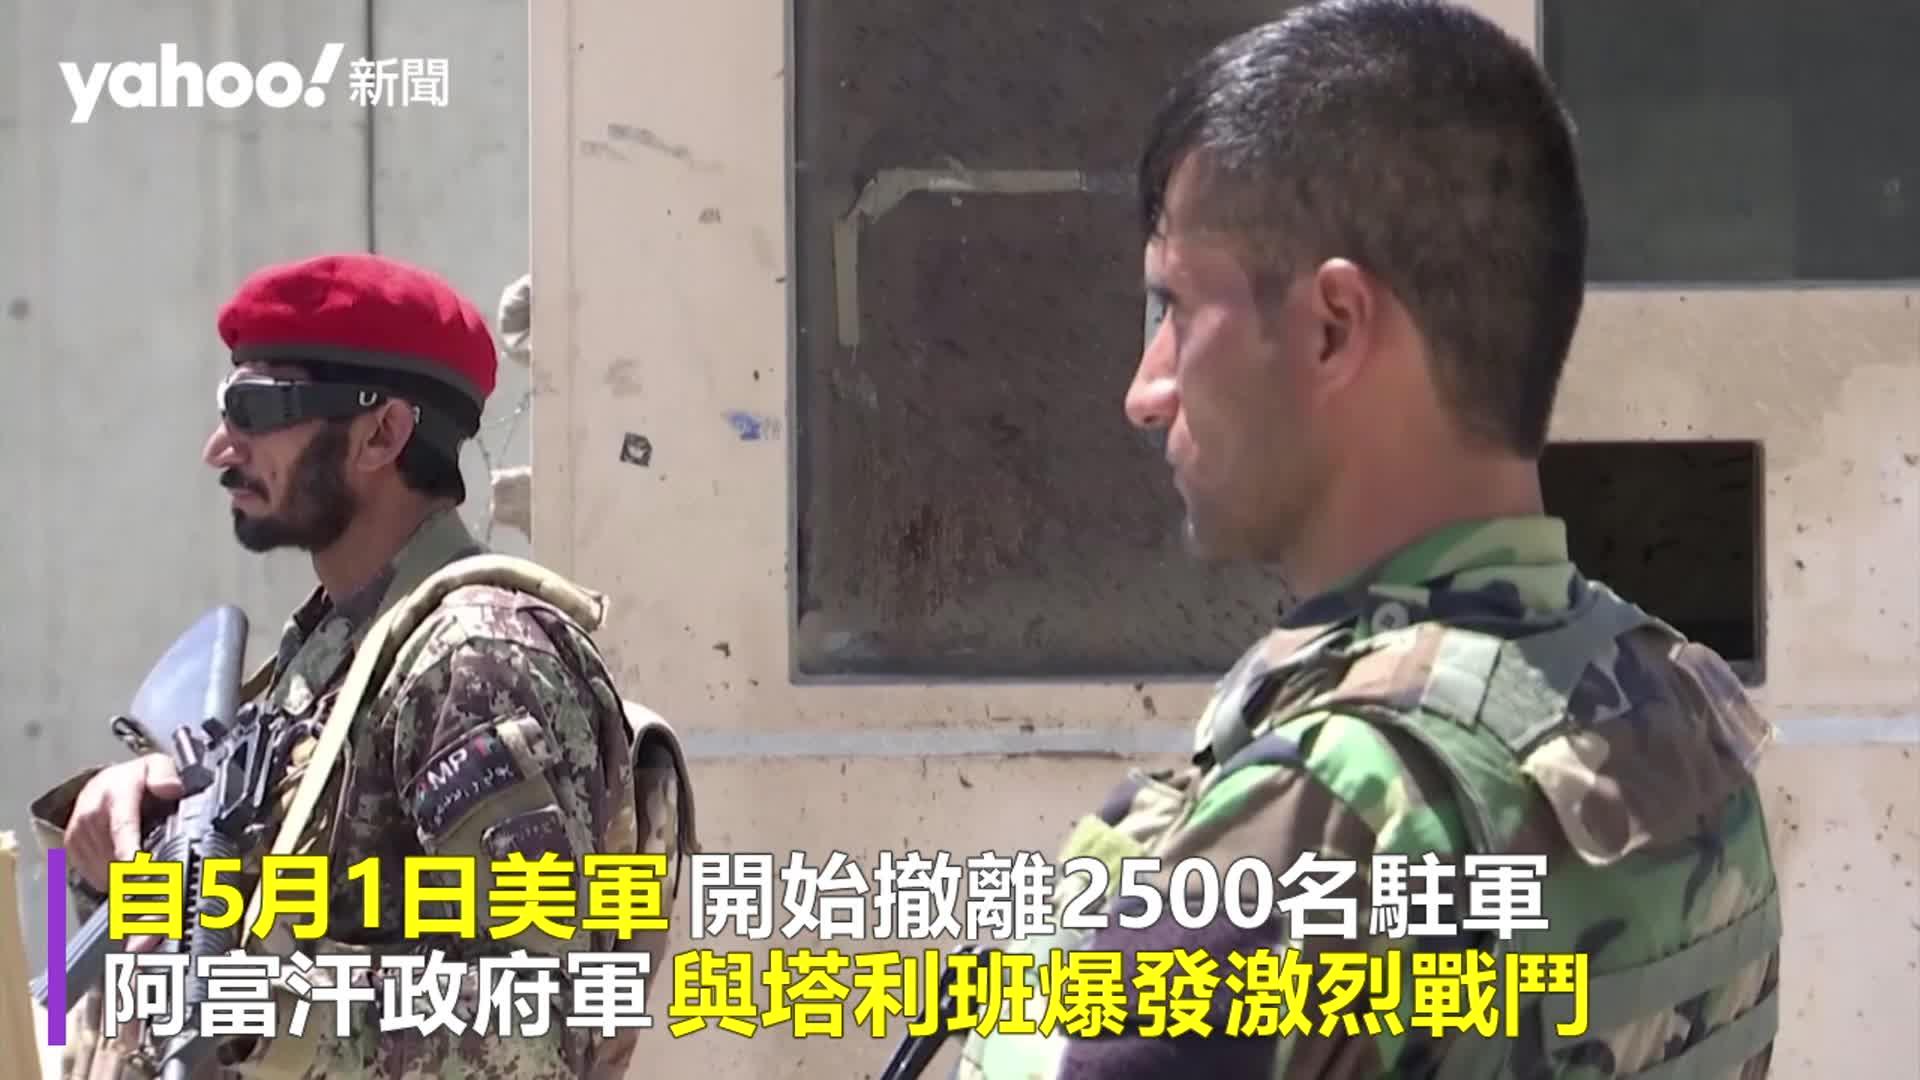 美軍撤出 塔利班宣揚擴大勢力 曝阿富汗政府軍投降影片